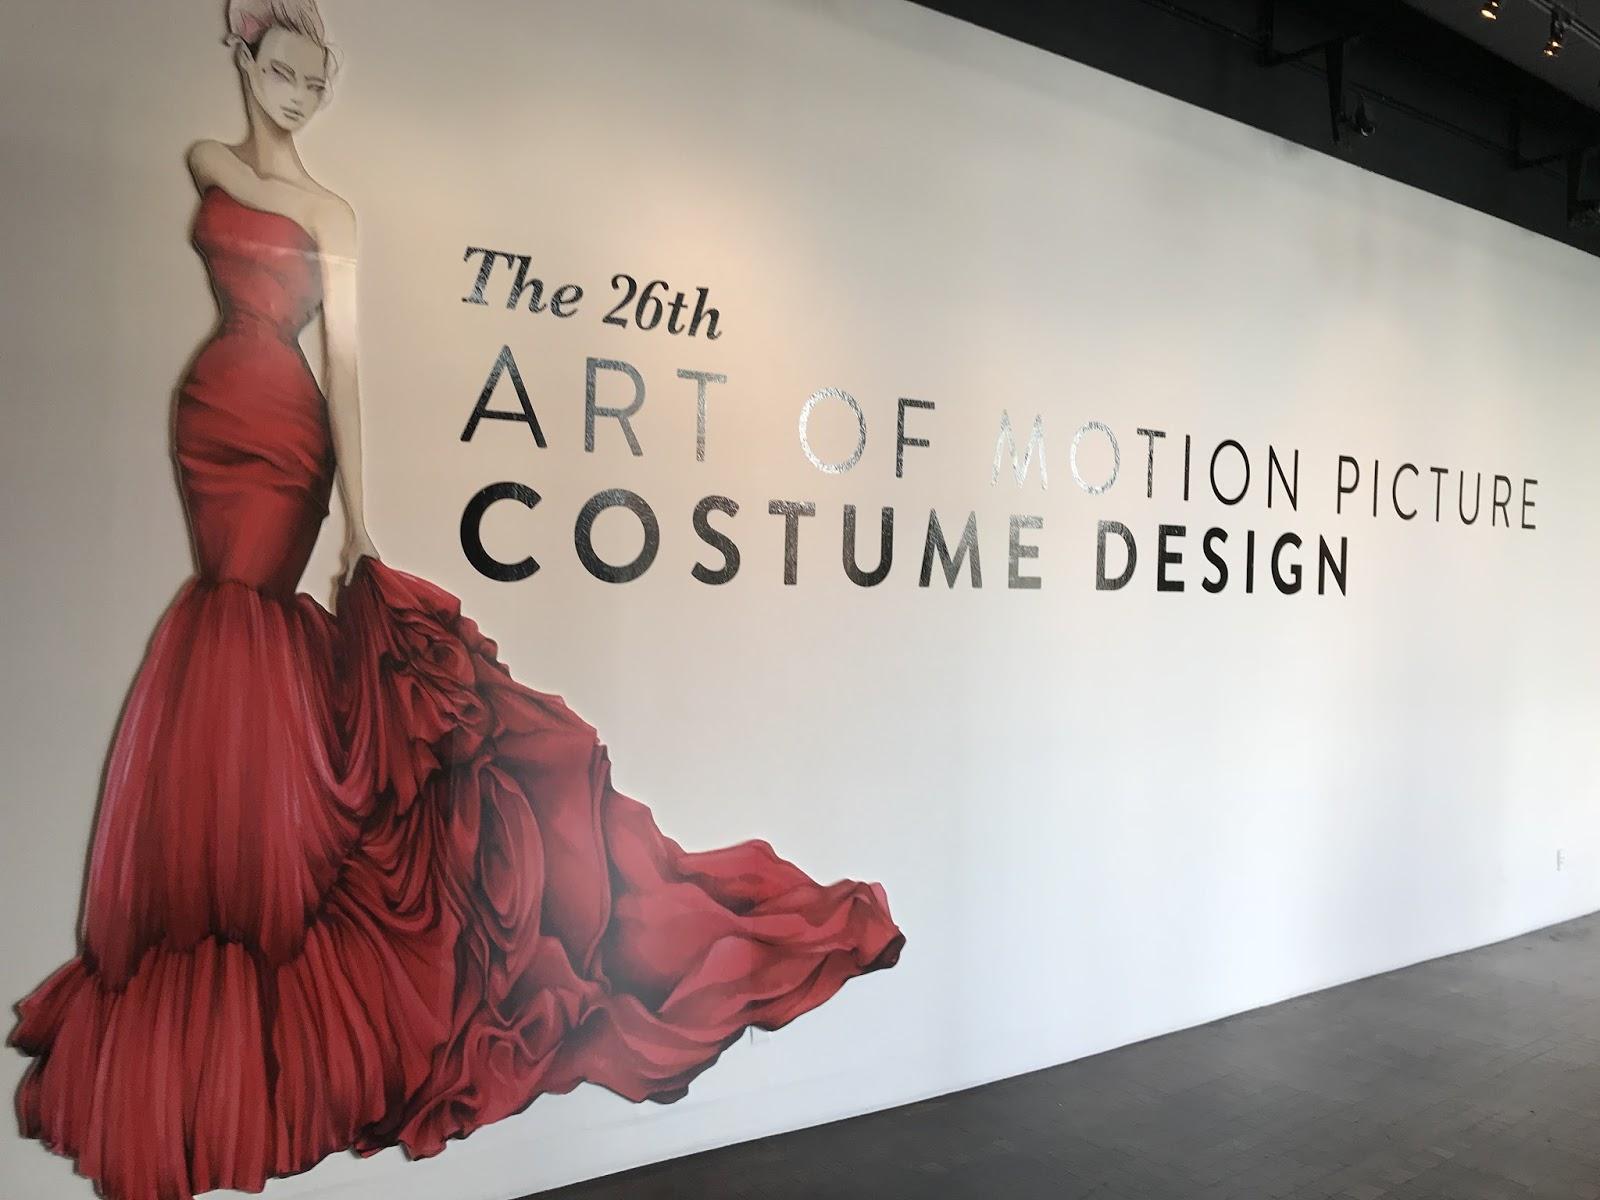 Nick Verreos Fidm Museum Opening Night 26th Annual Art Of Motion Picture Costume Design Exhibition Recap